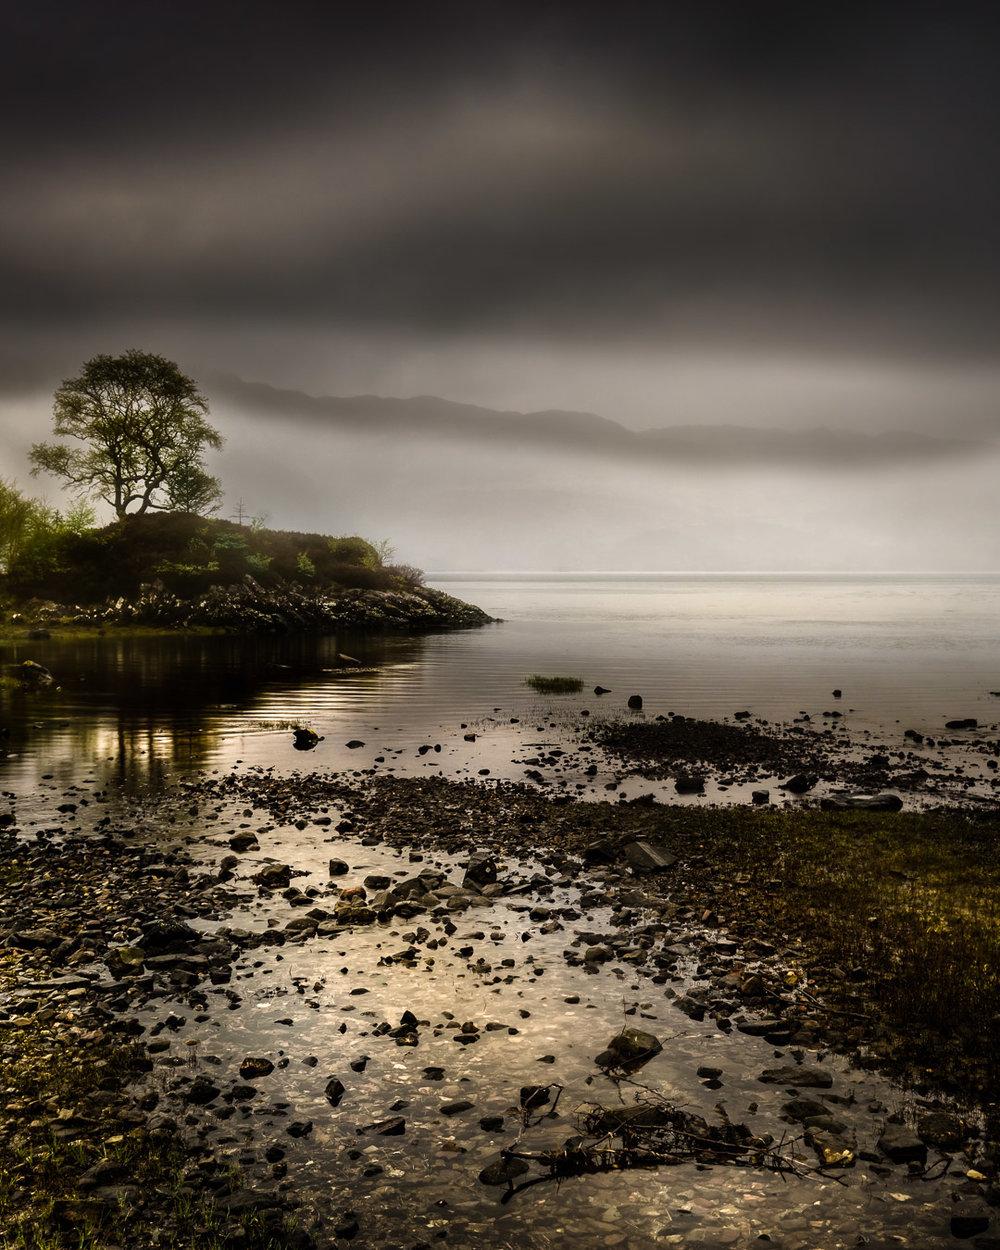 morning mist over Loch Sunart